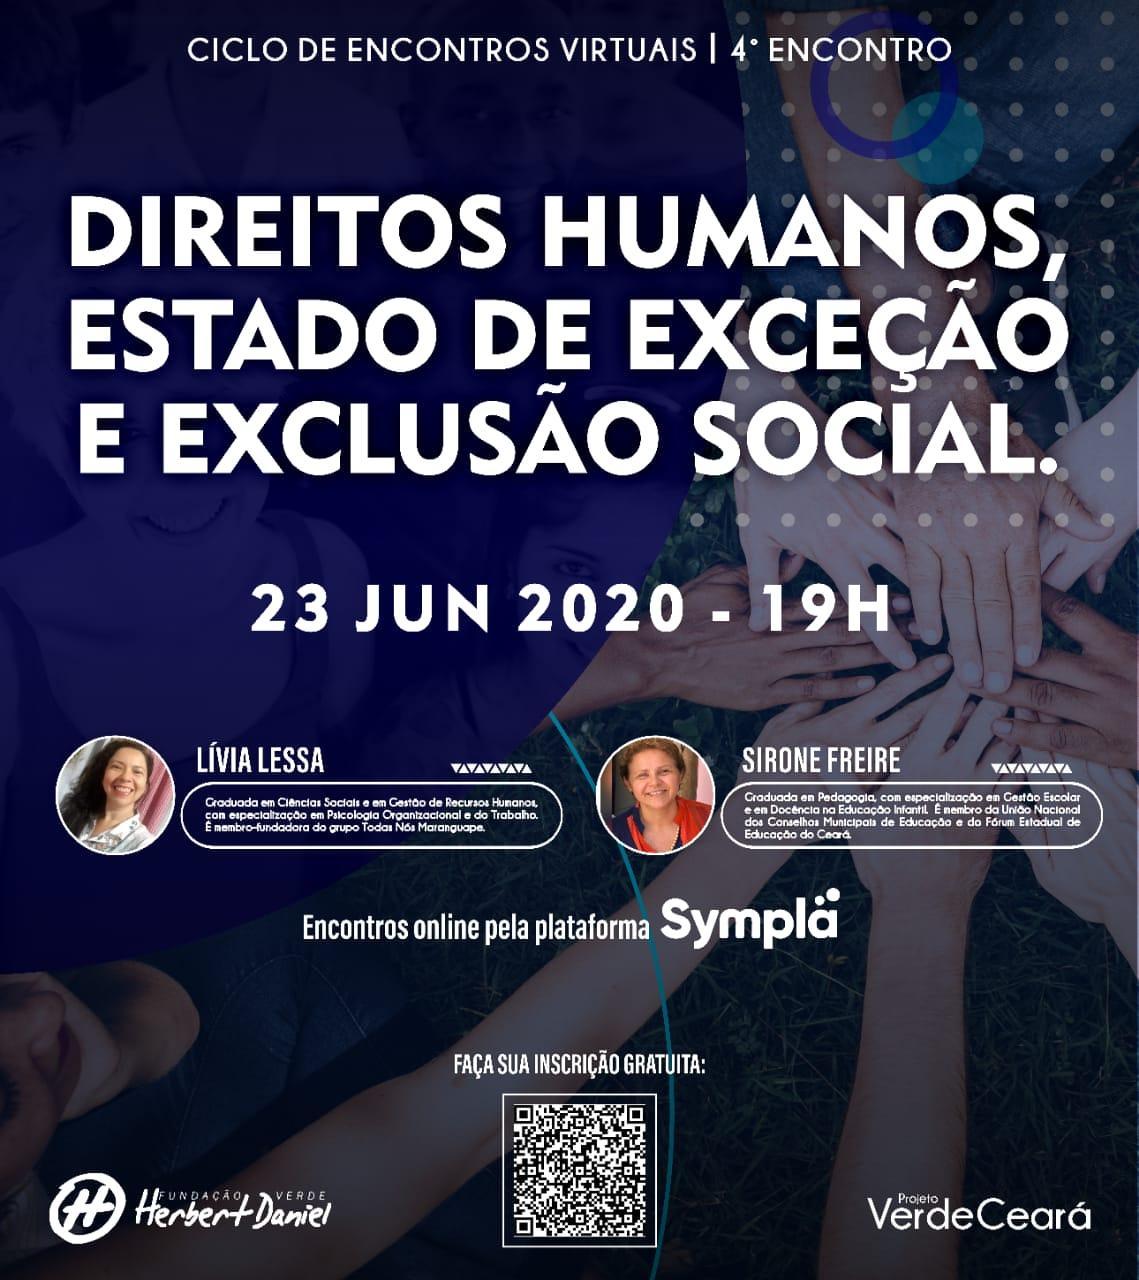 DIREITOS HUMANOS, ESTADO DE EXCEÇÃO E EXCLUSÃO SOCIAL